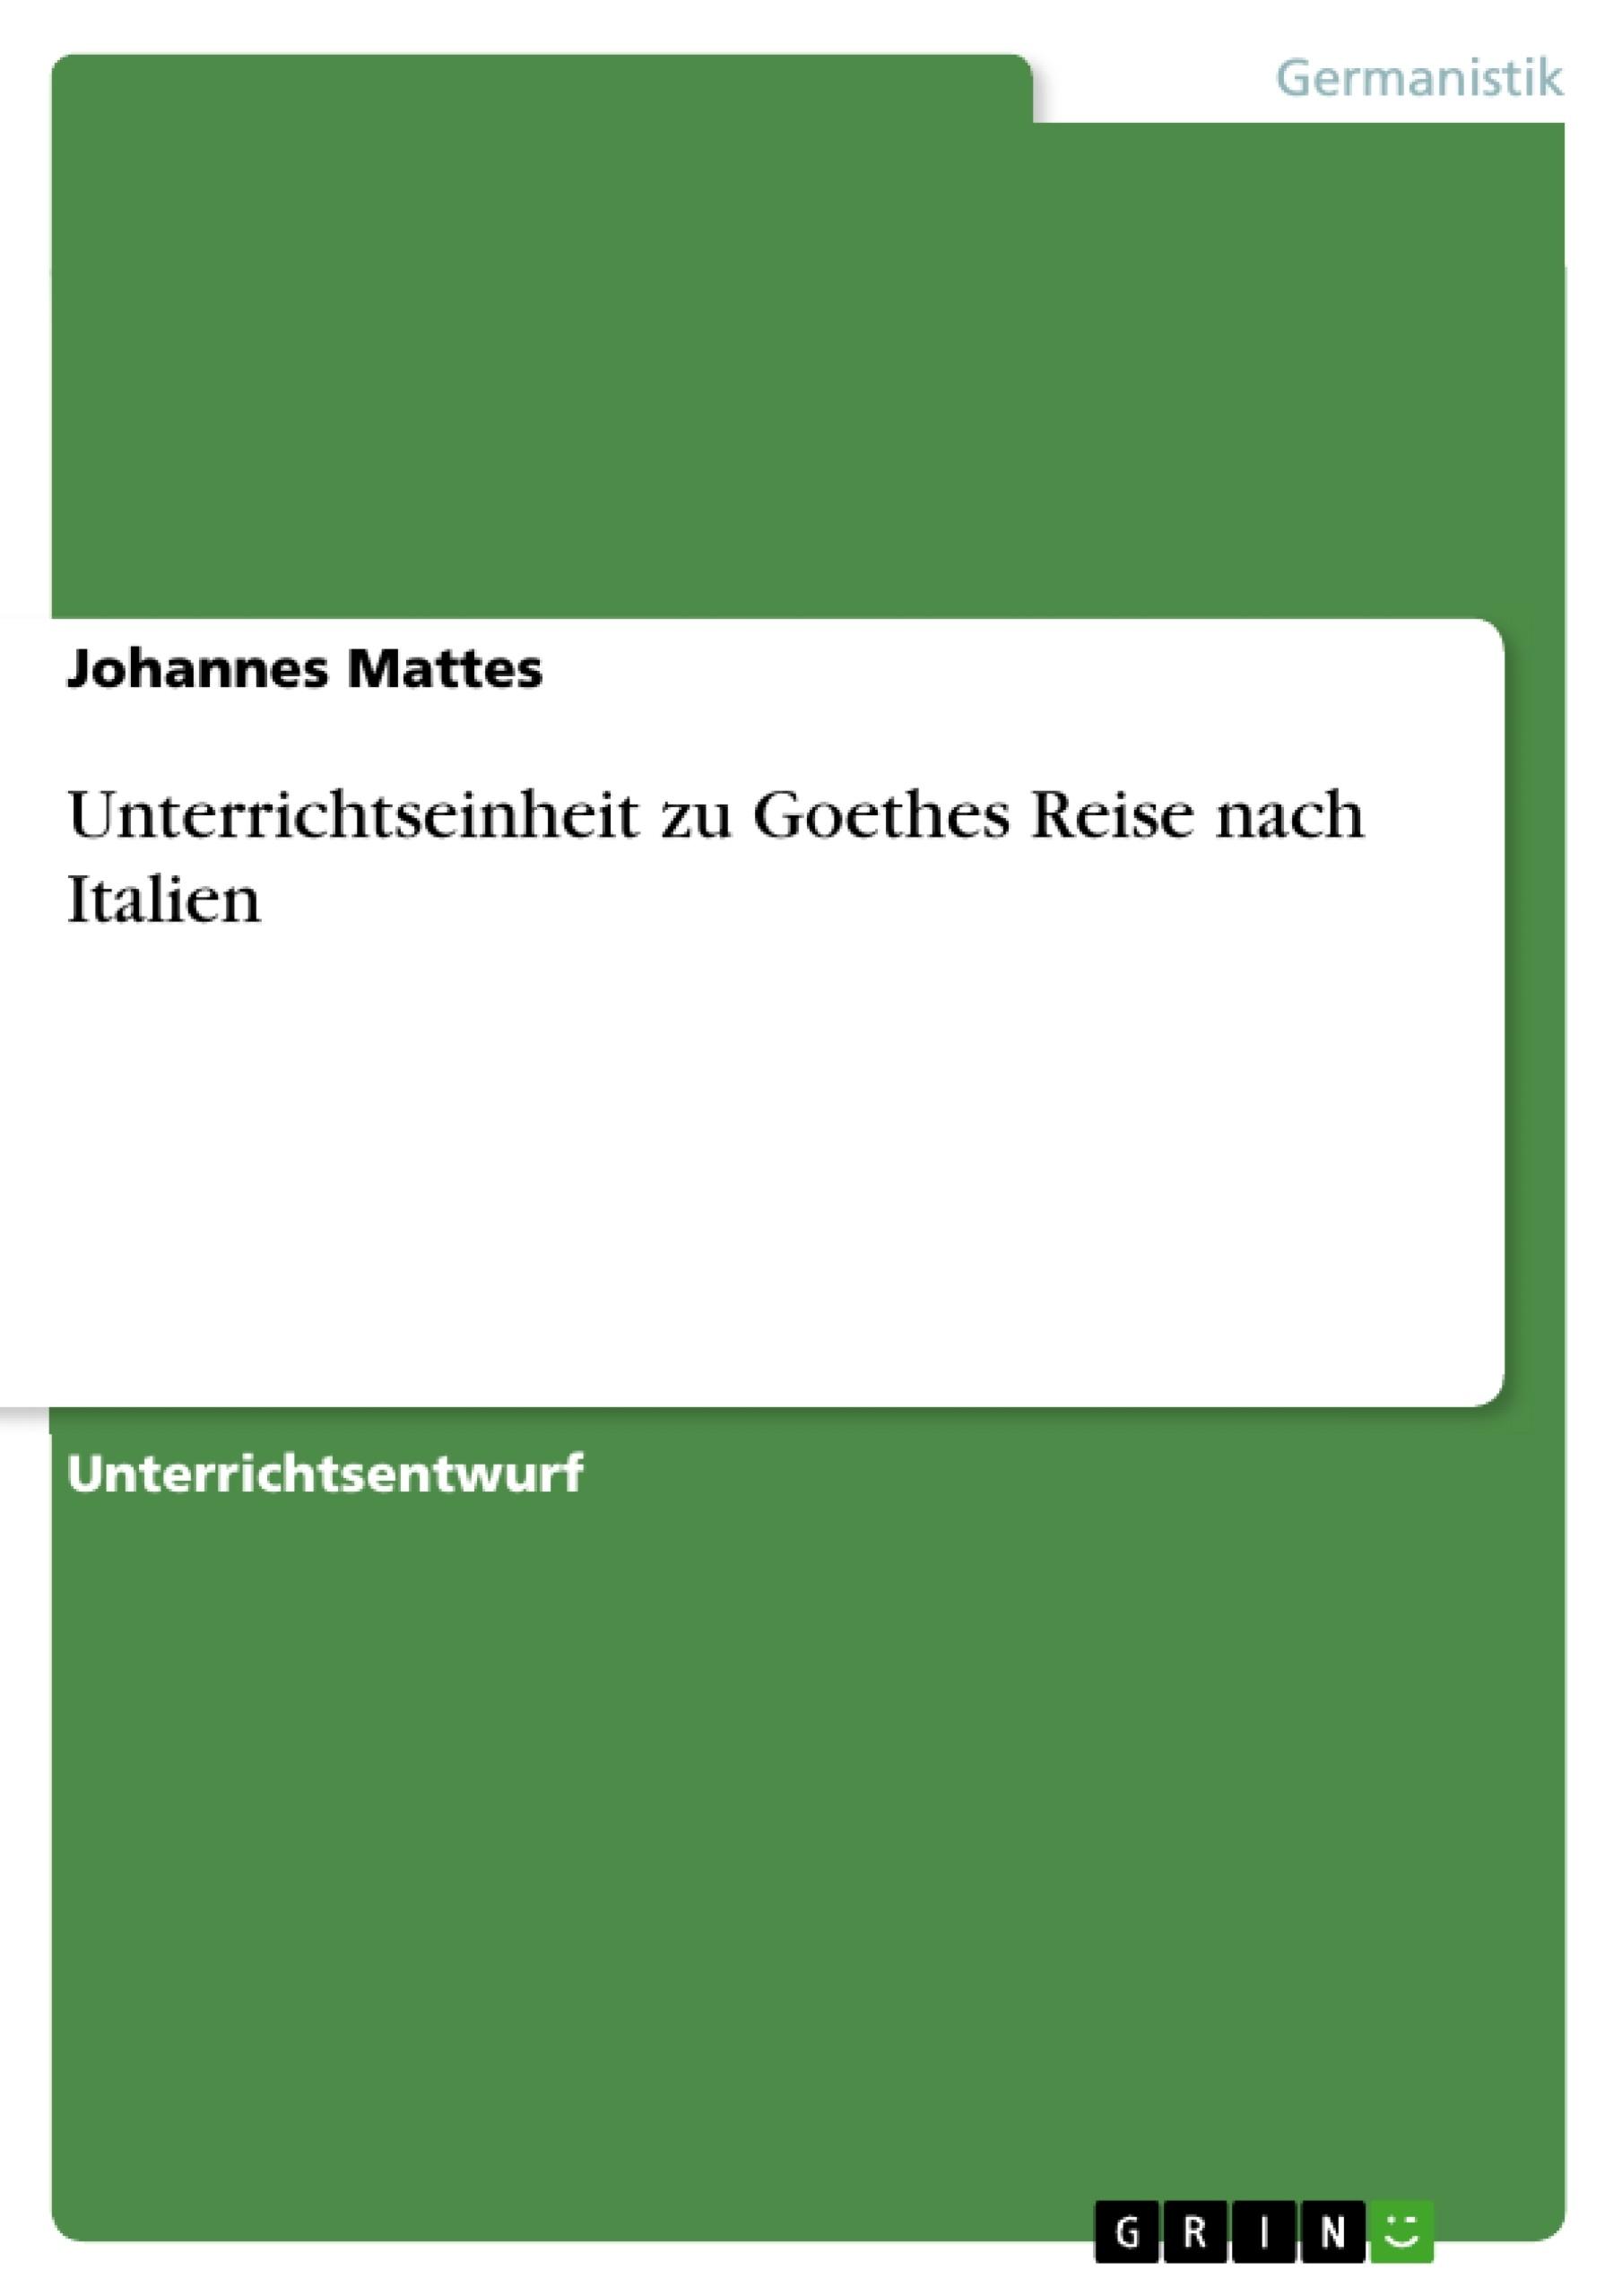 Titel: Unterrichtseinheit zu Goethes Reise nach Italien